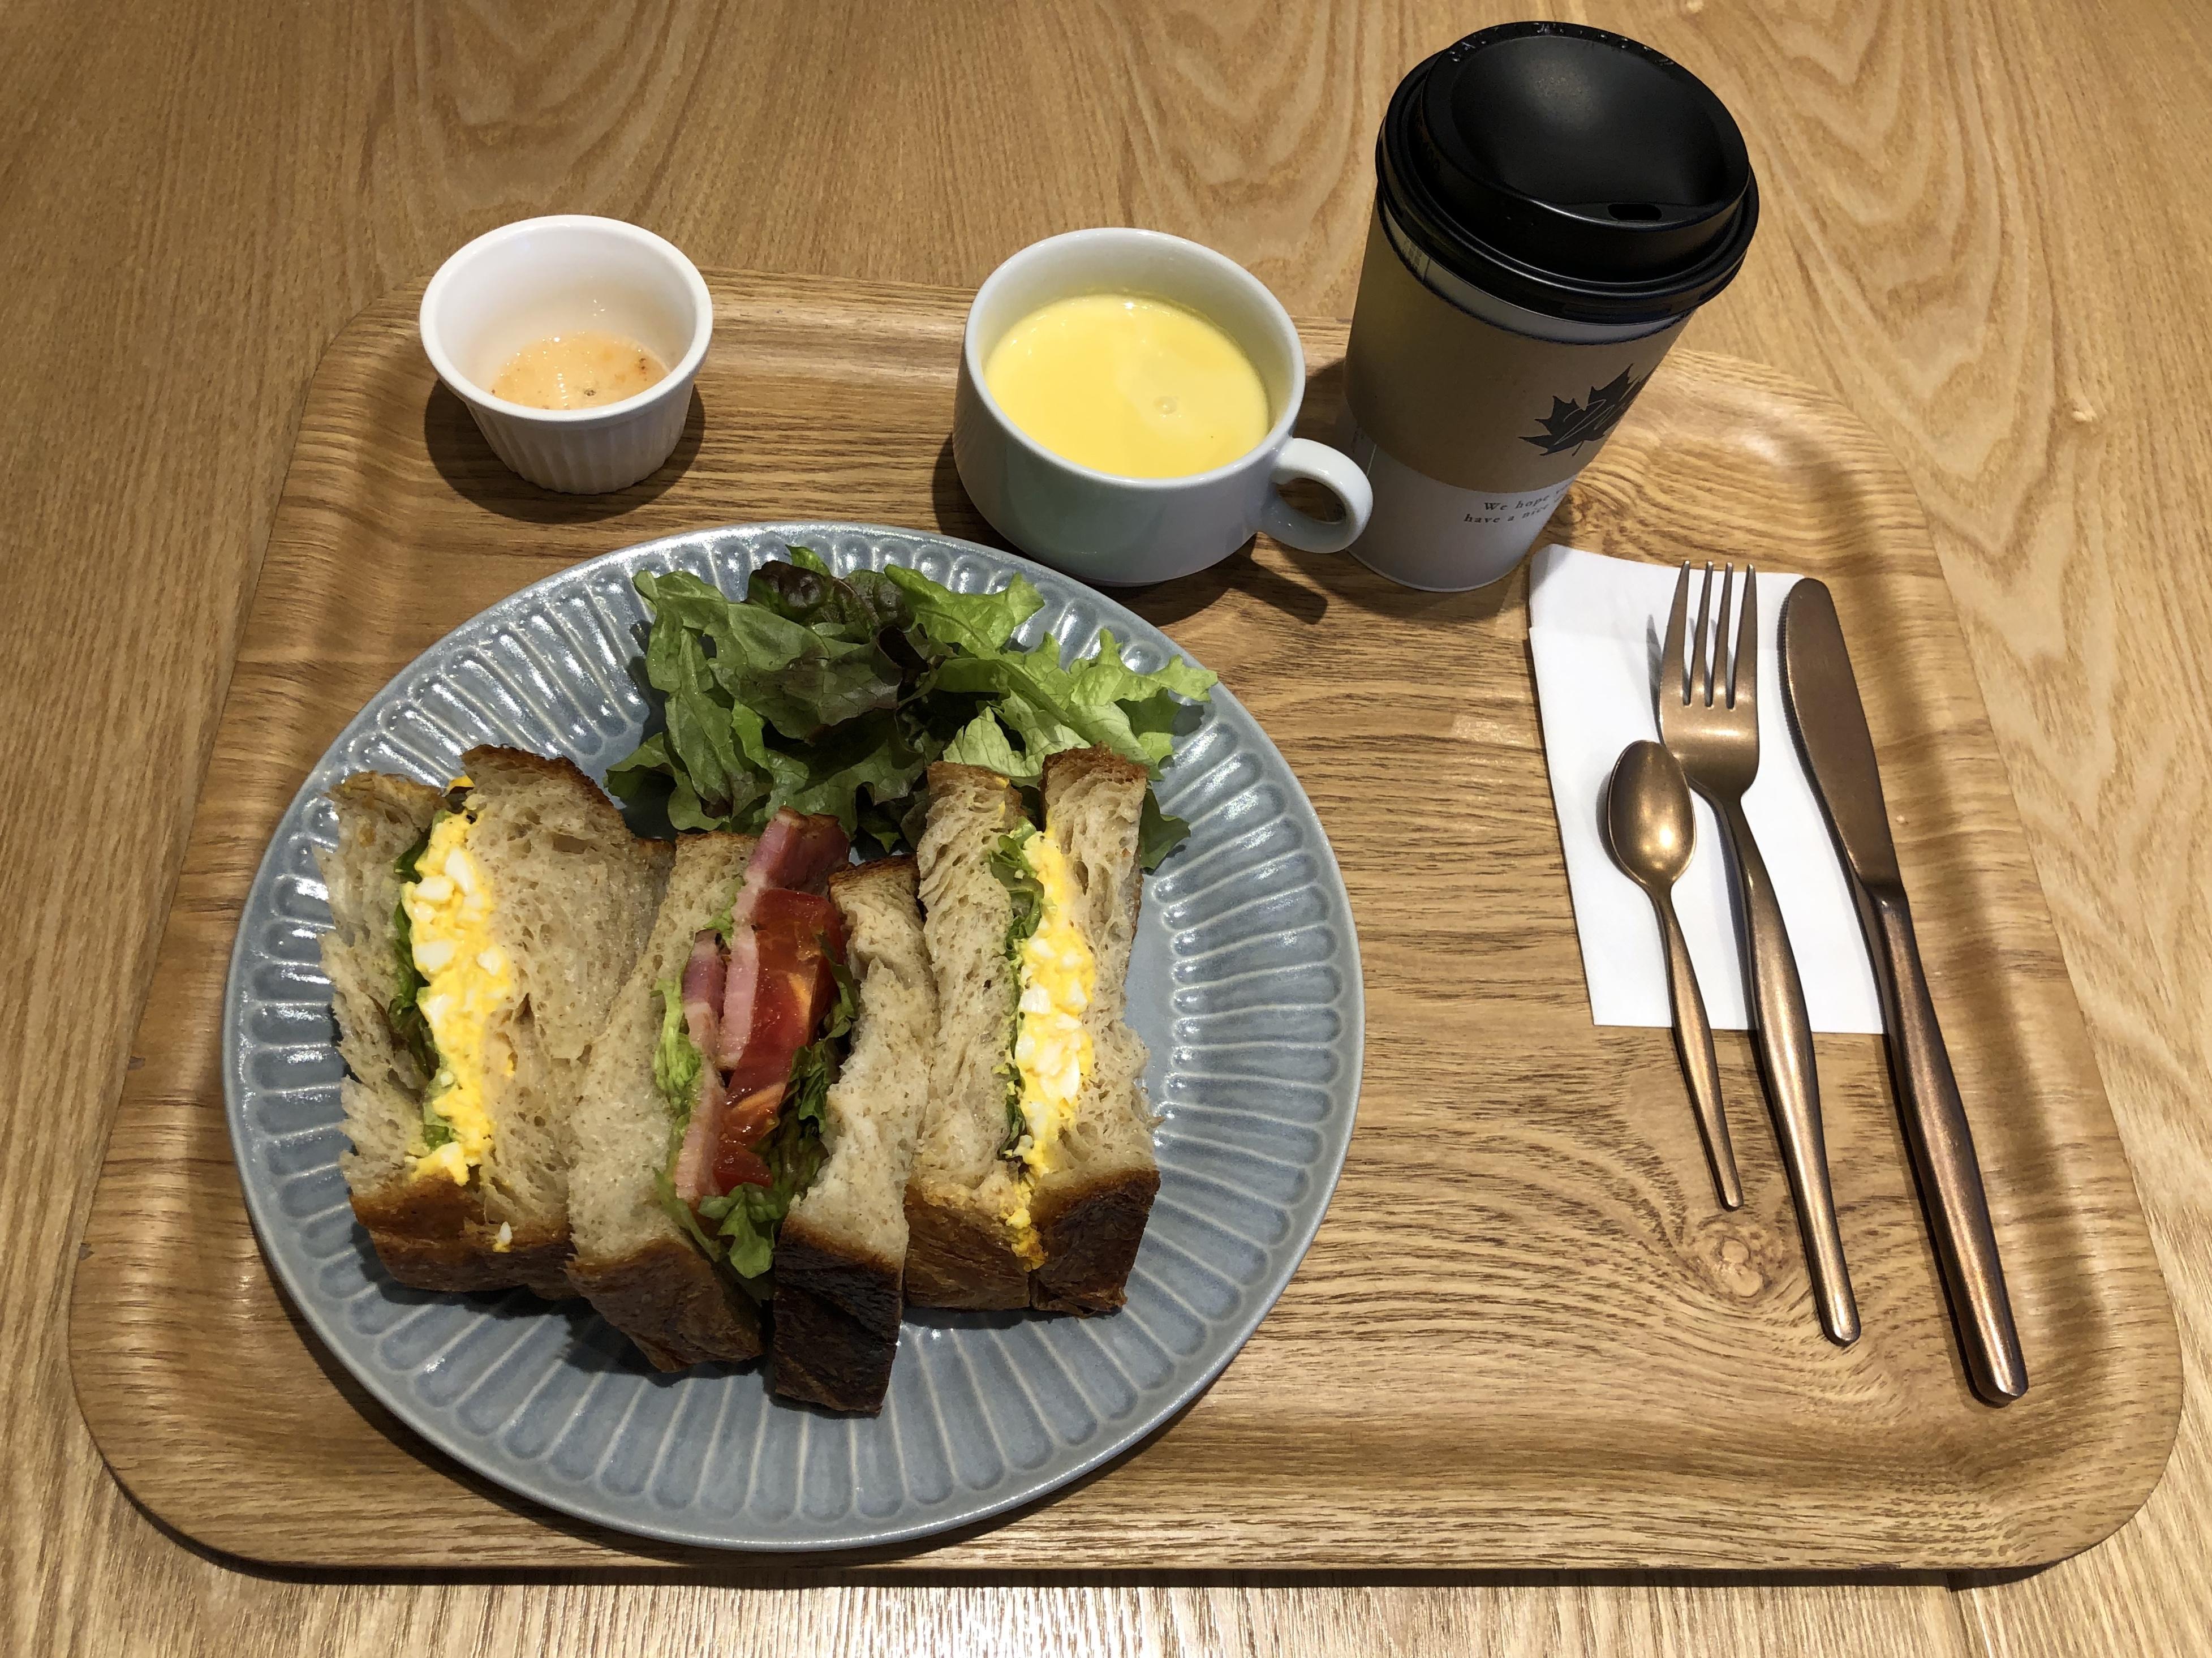 ぴーきち&ダイナ 箕面の滝ツーリング サトウカエデ 全粒粉サンドイッチ